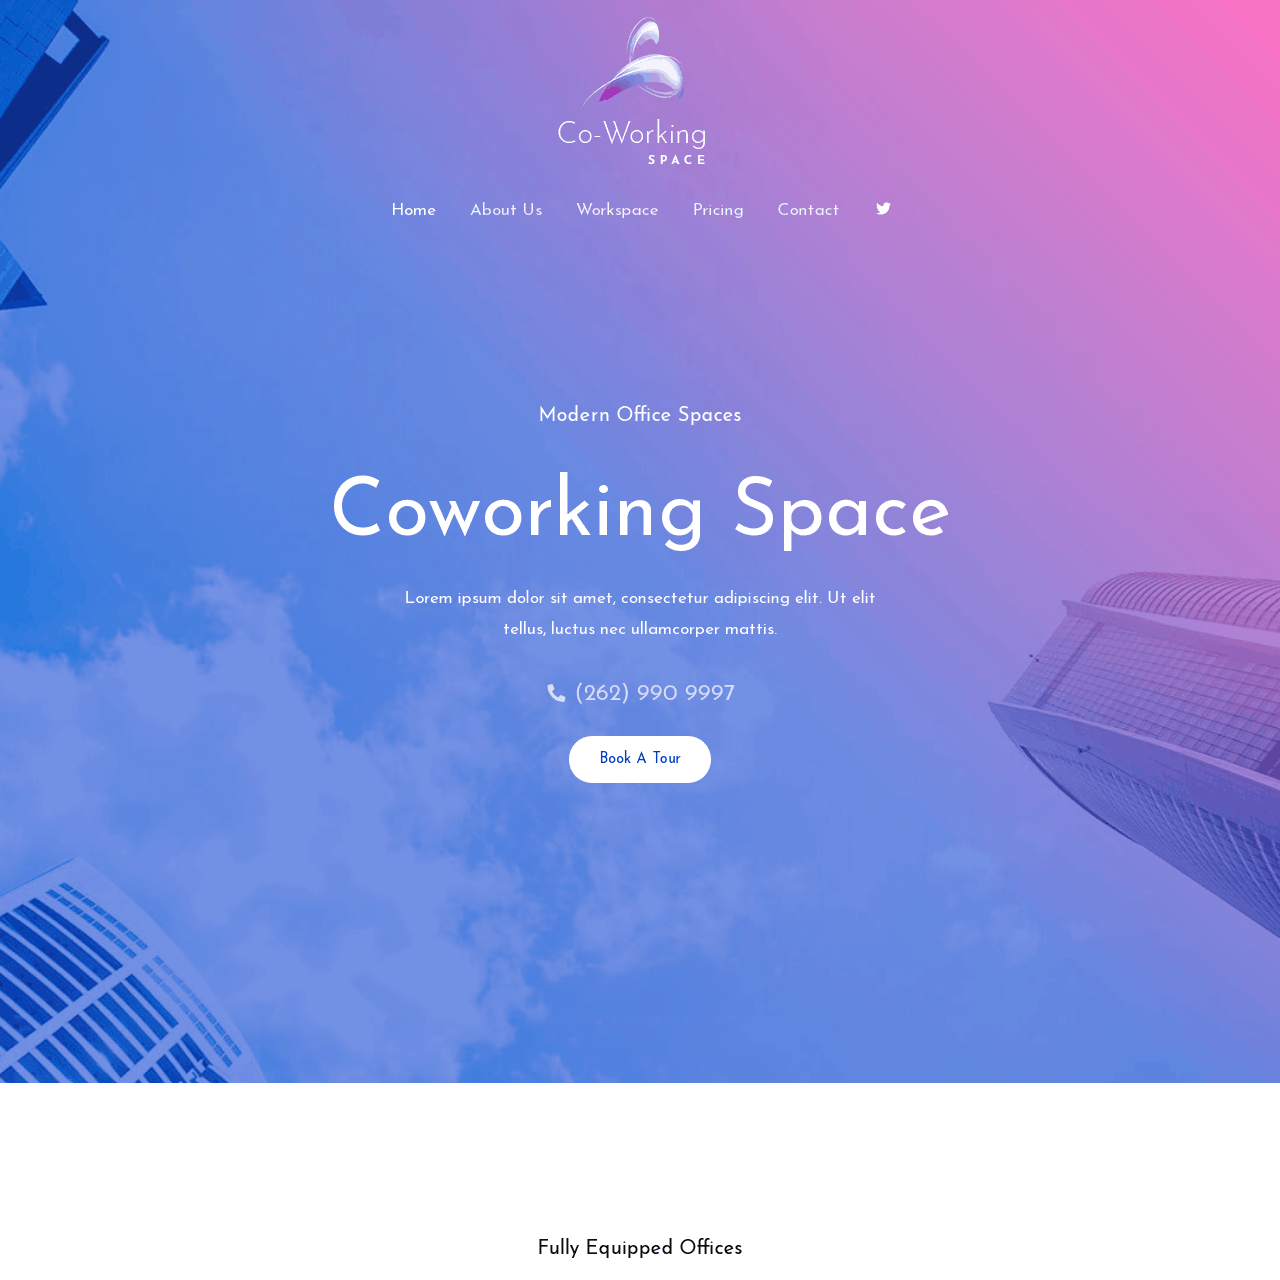 co-working-website-design